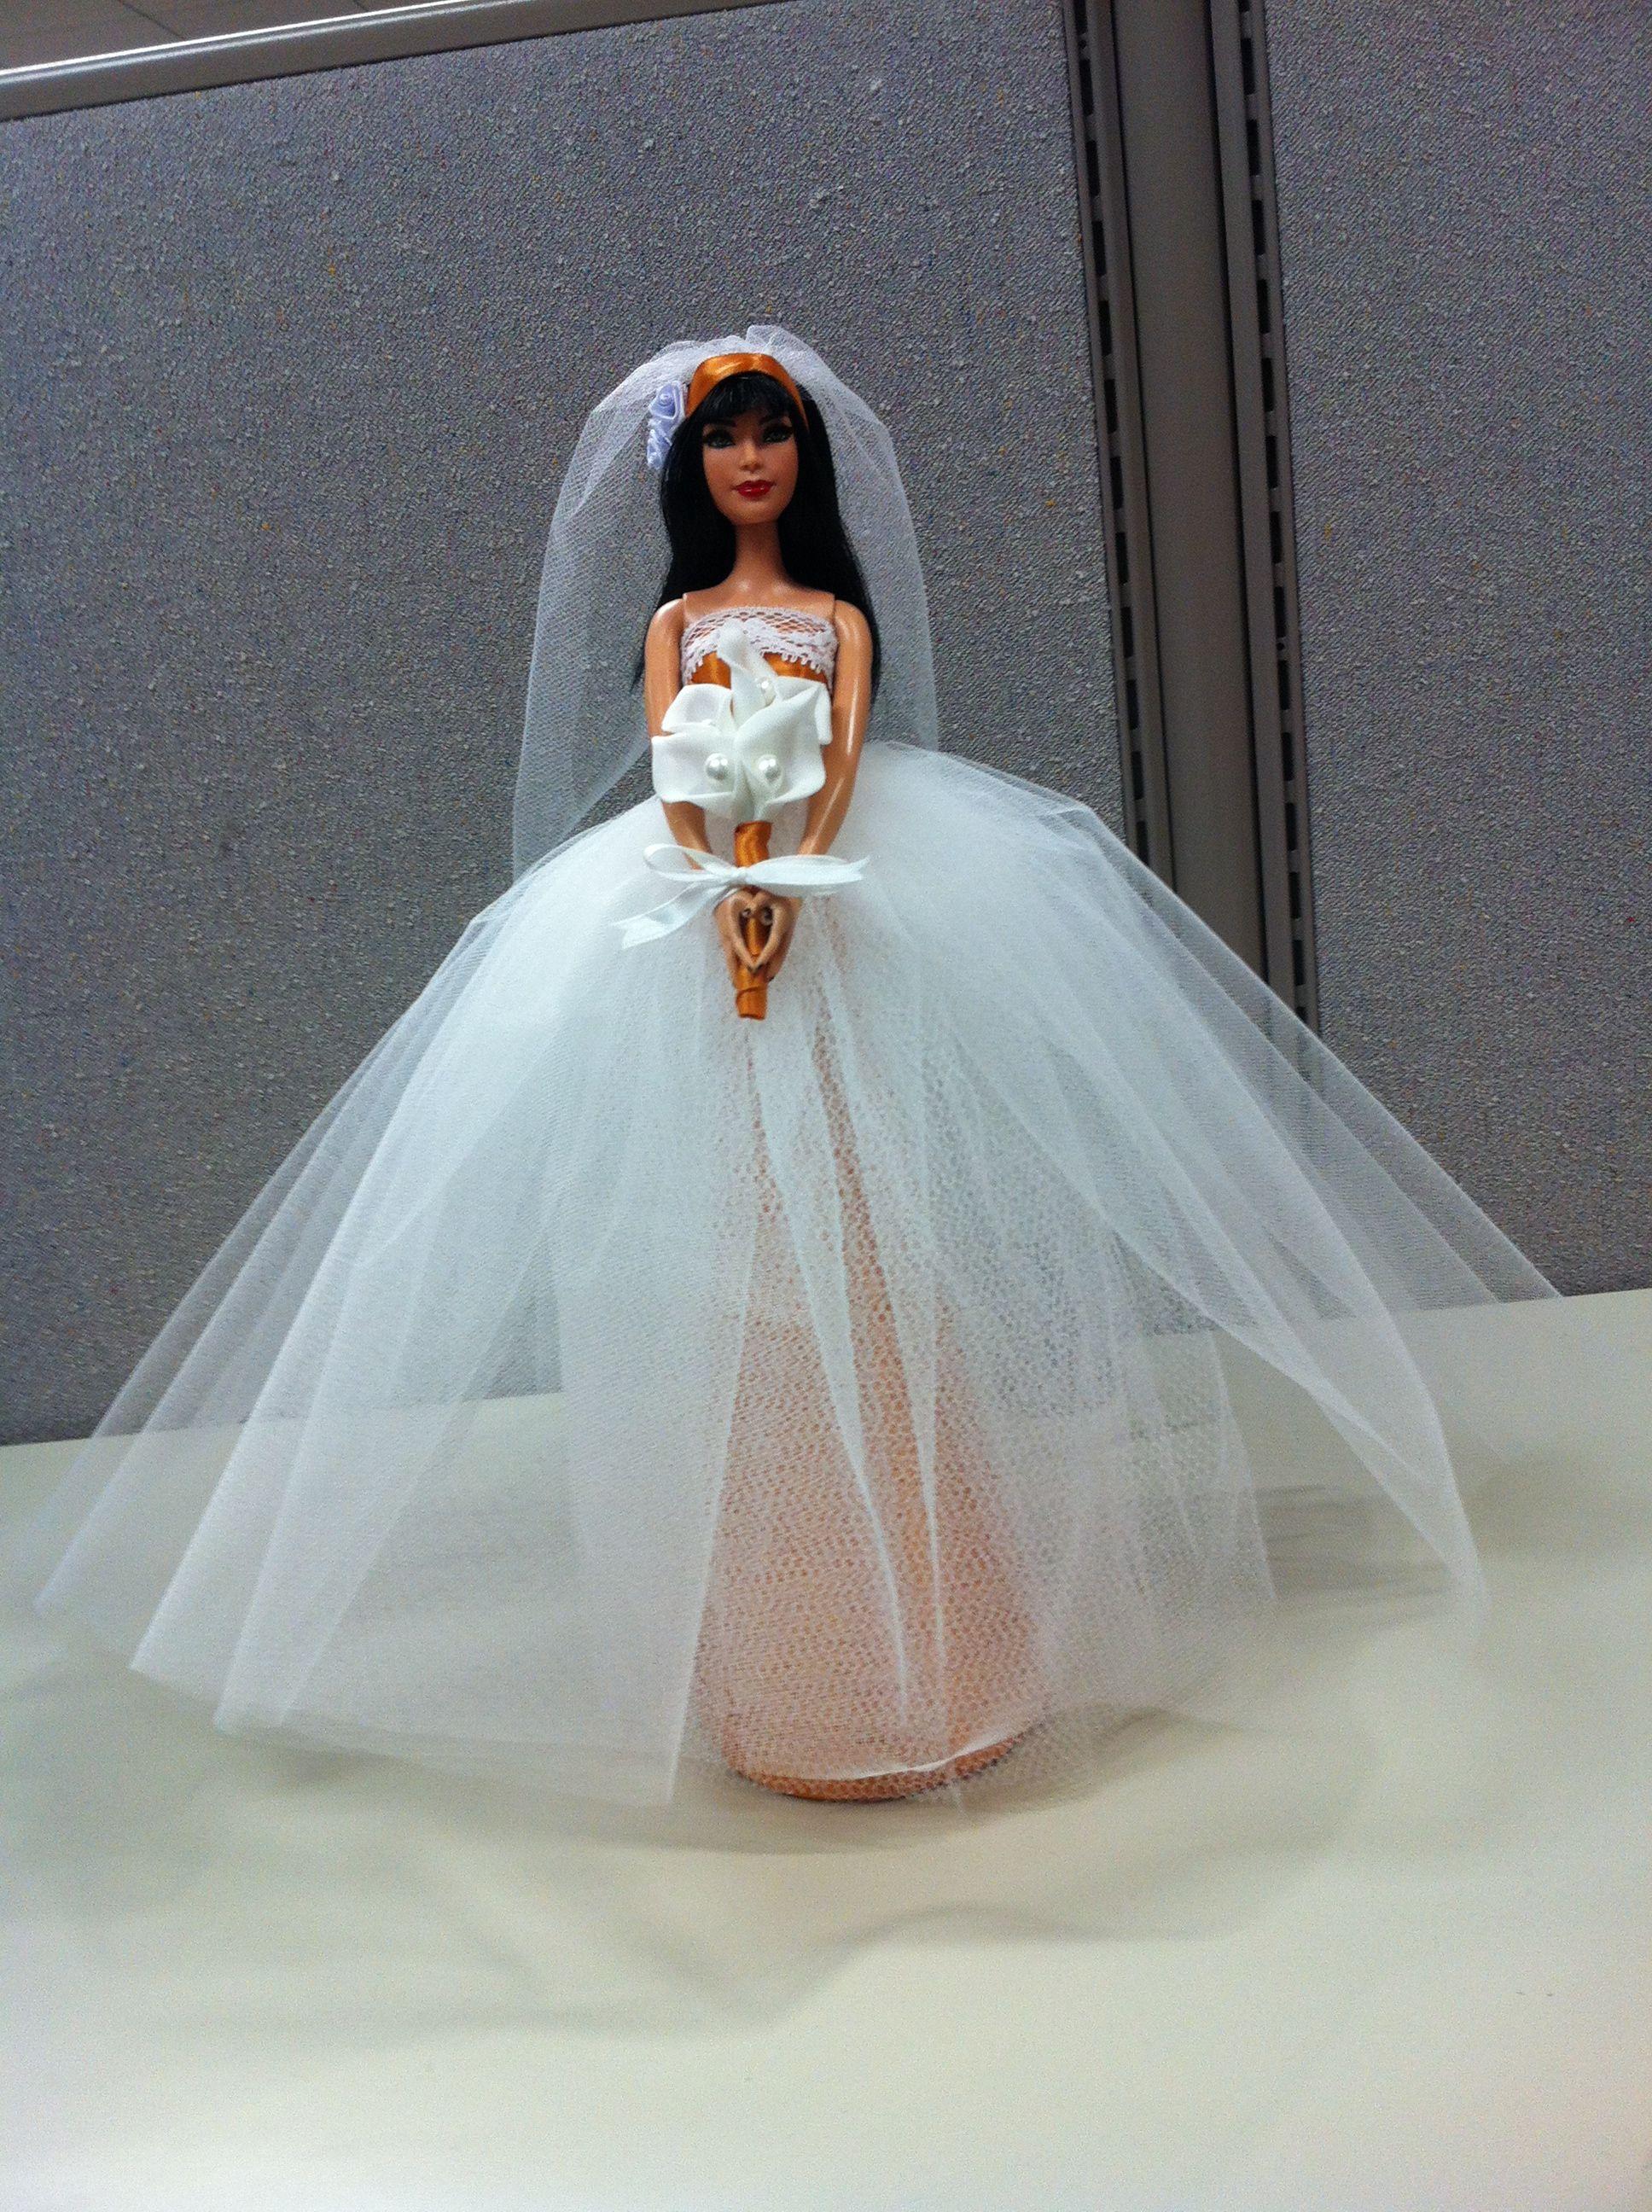 Bridal shower wedding dresses bridal tulle skirt